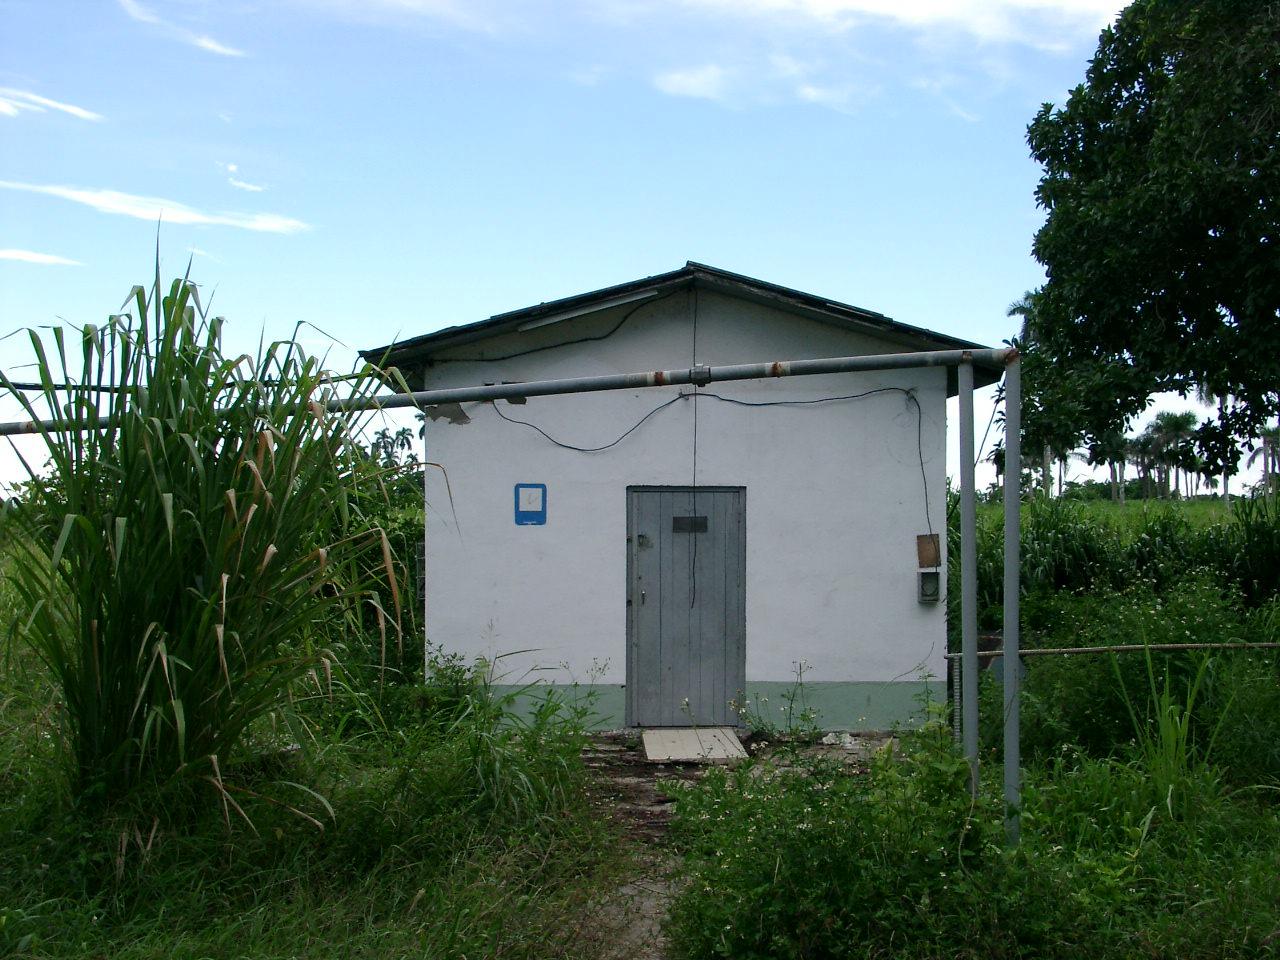 Домик, где сидели прапорщики (по правую руку по пути в туалет), сохранился до сих пор